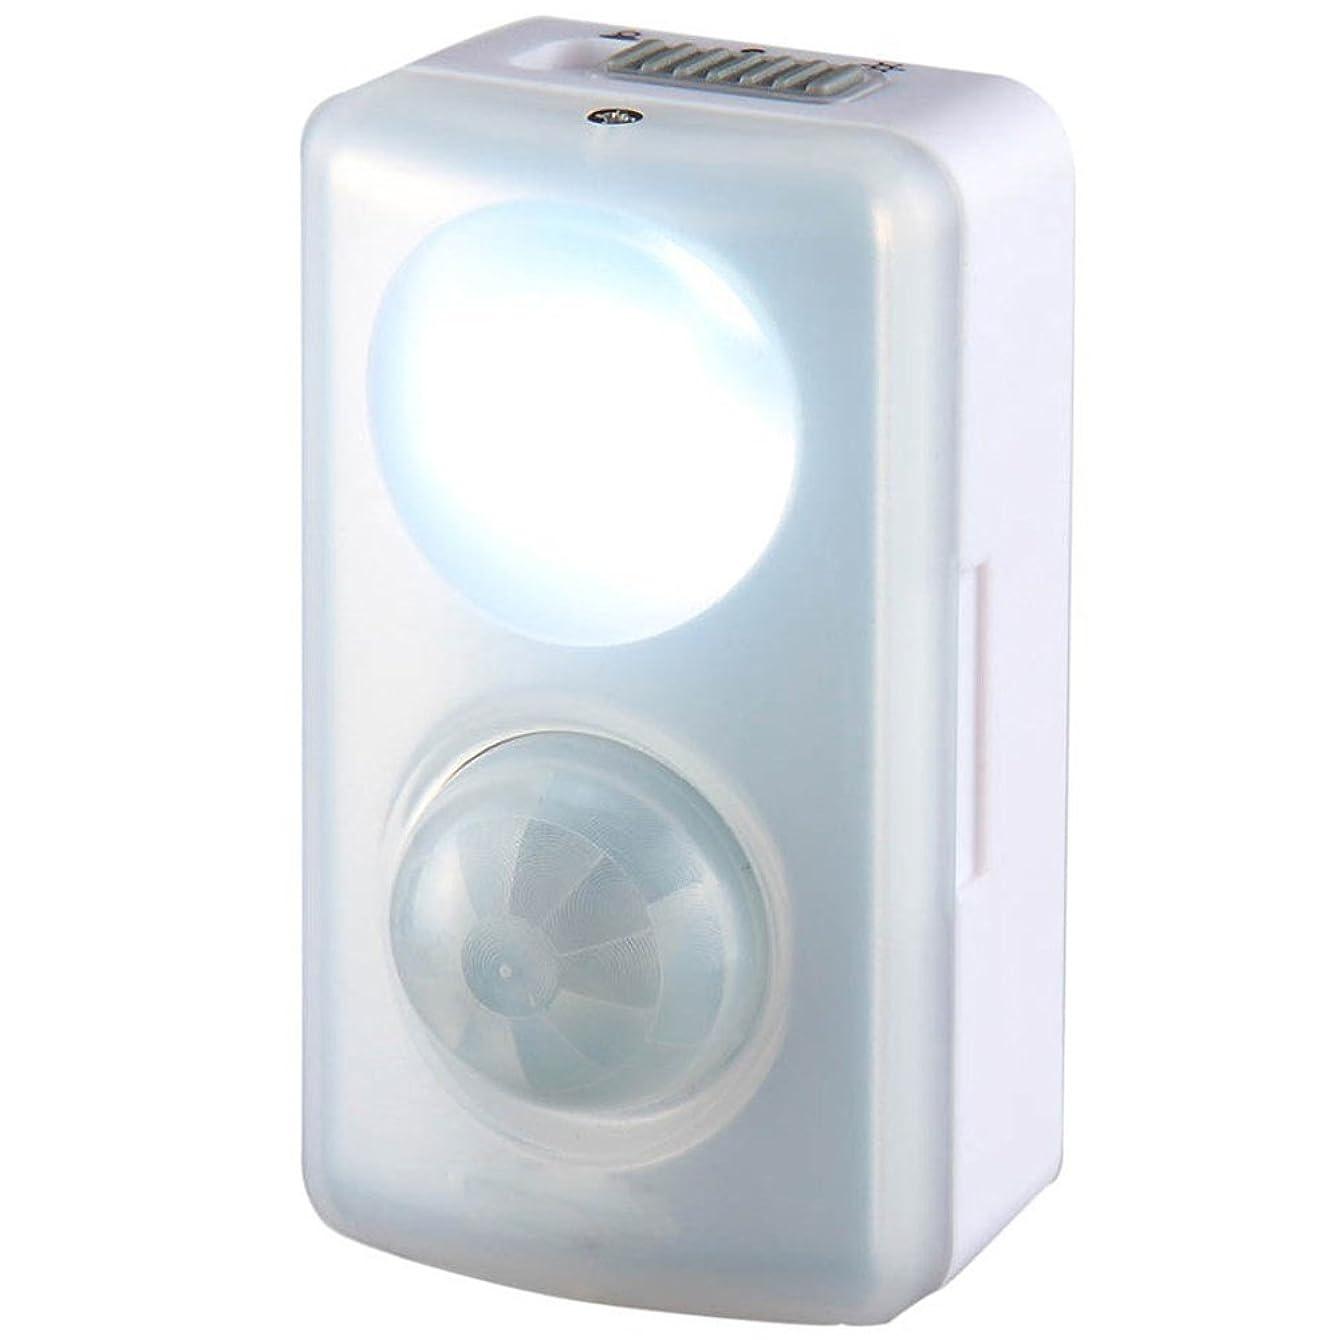 縮約最小化する飲料小次郎 LED 照明 ライト 人感 センサー 長寿命 乾電池式 室内 モーション センサー 震災 クローゼット 夜間 自動 点灯 おしゃれ KOZILIGHT